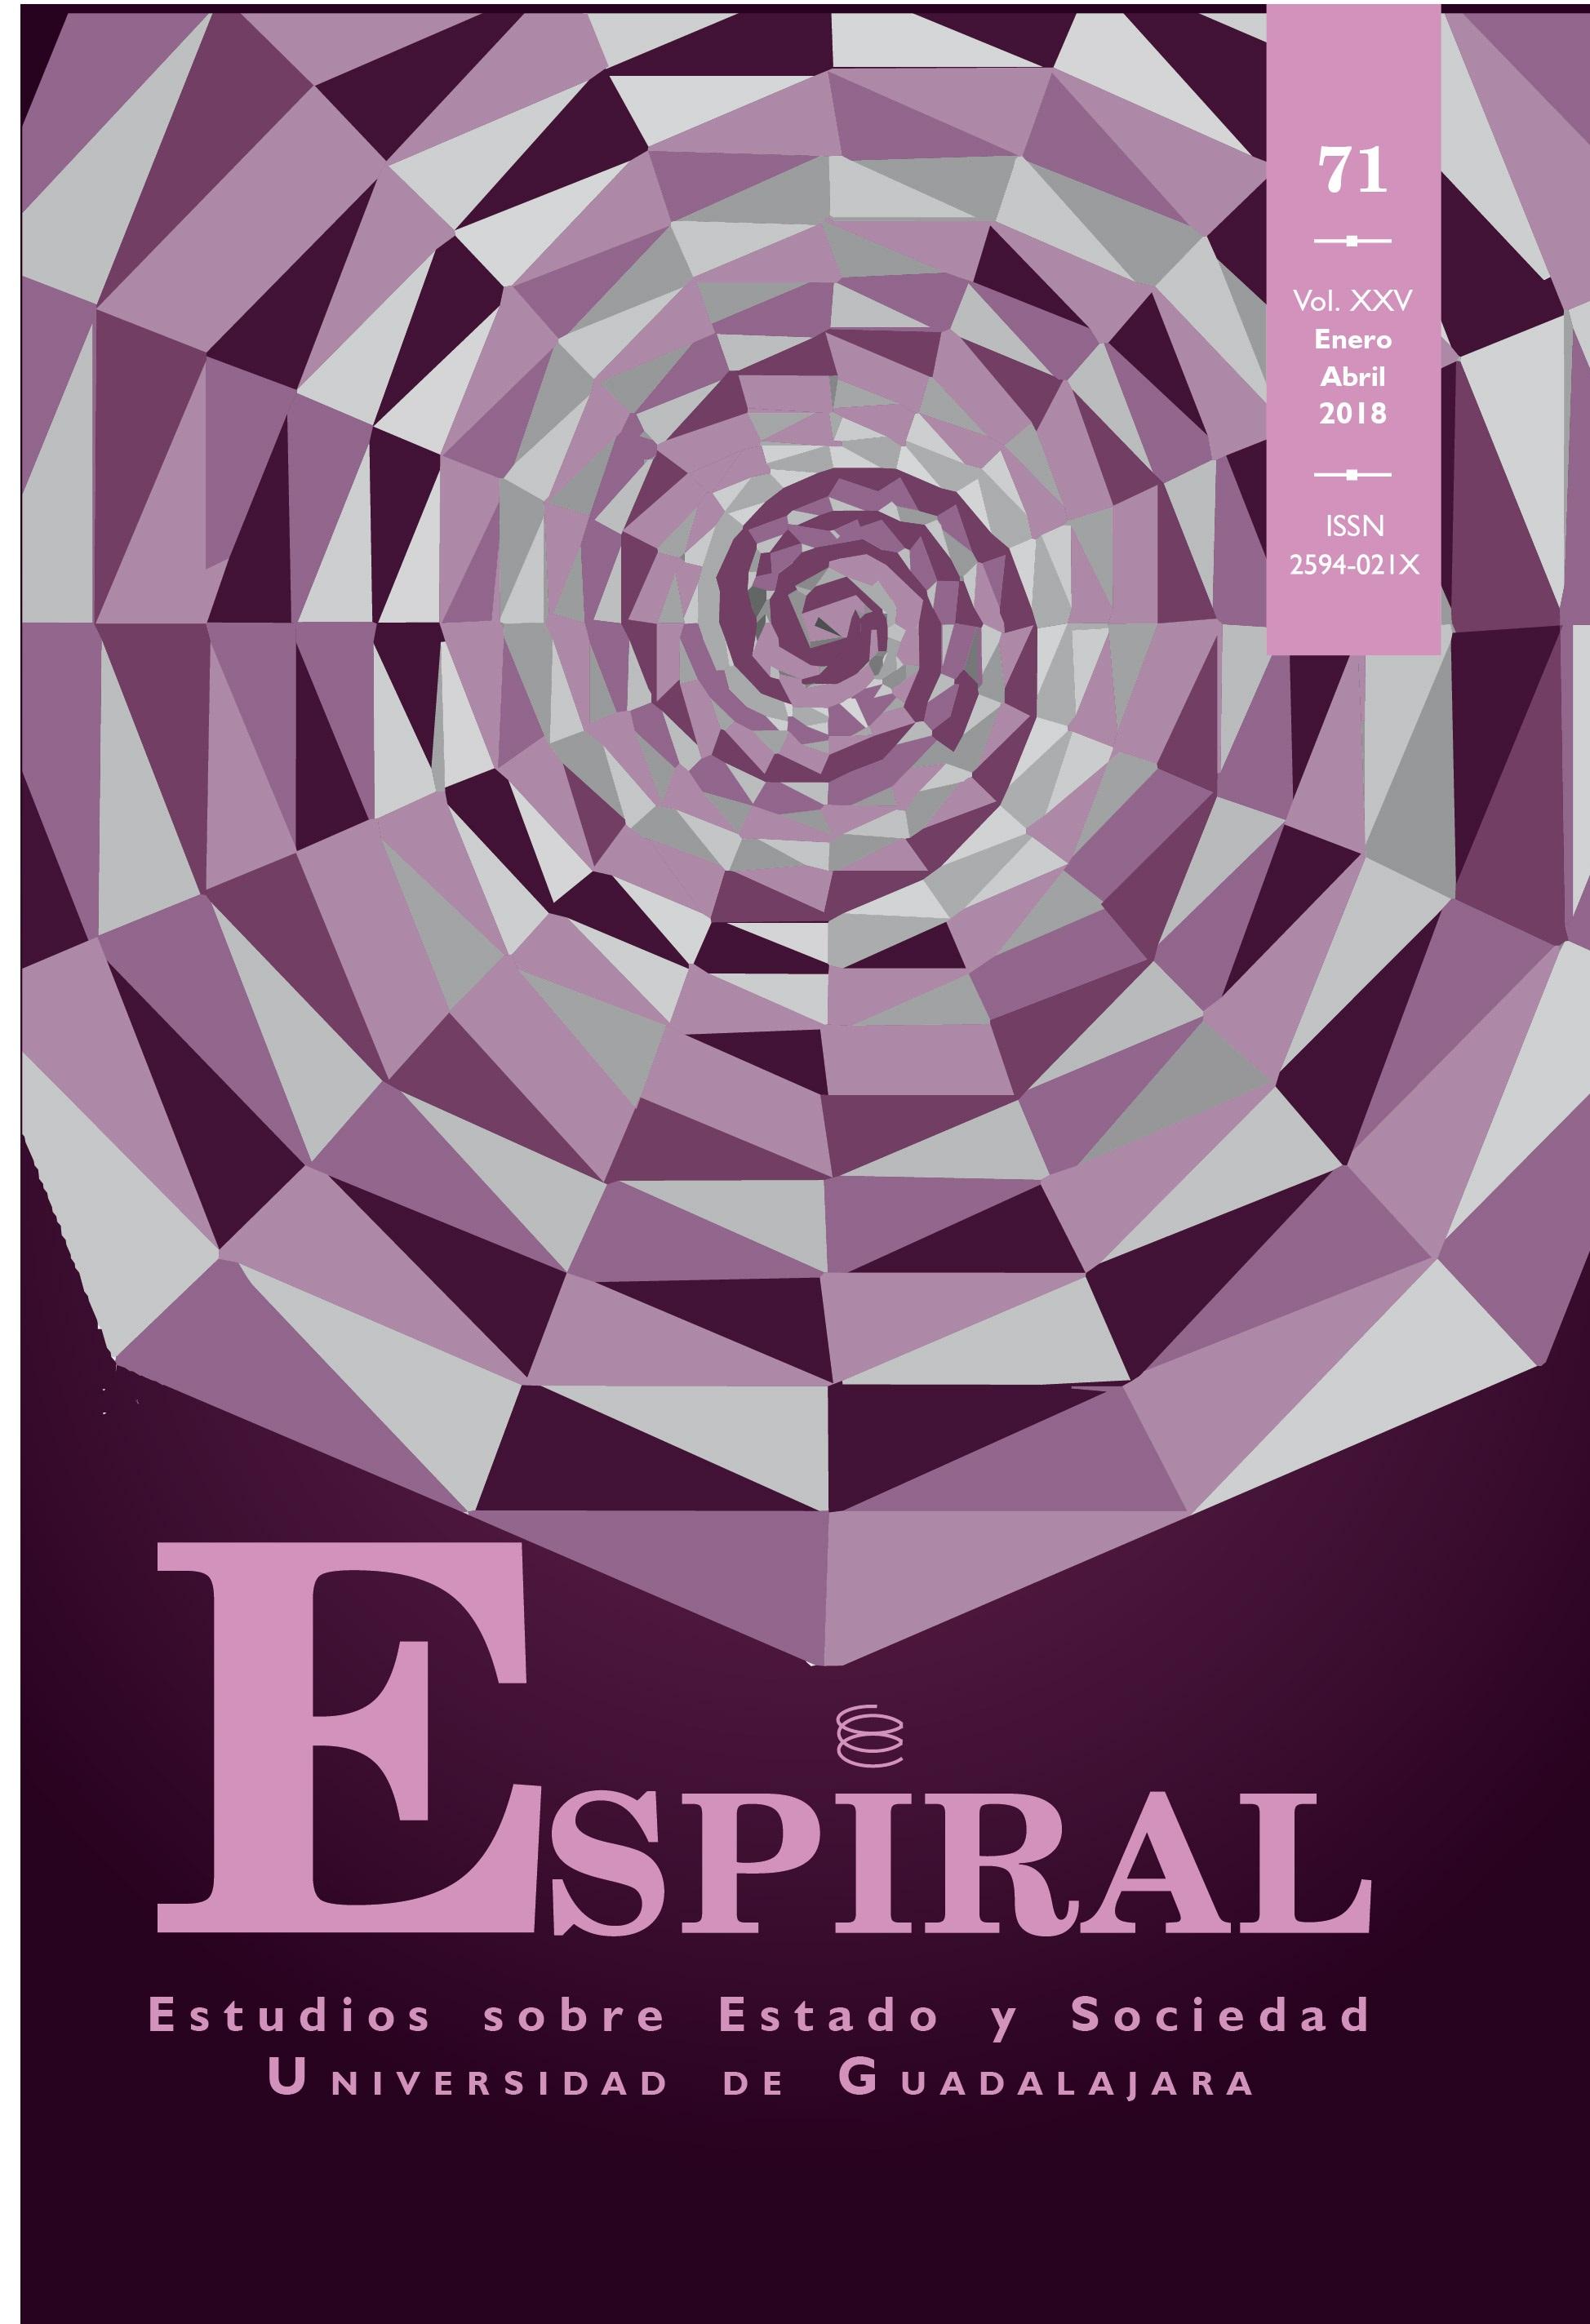 Ver Vol. 25 Núm. 71: Espiral 71 (enero-abril 2018)